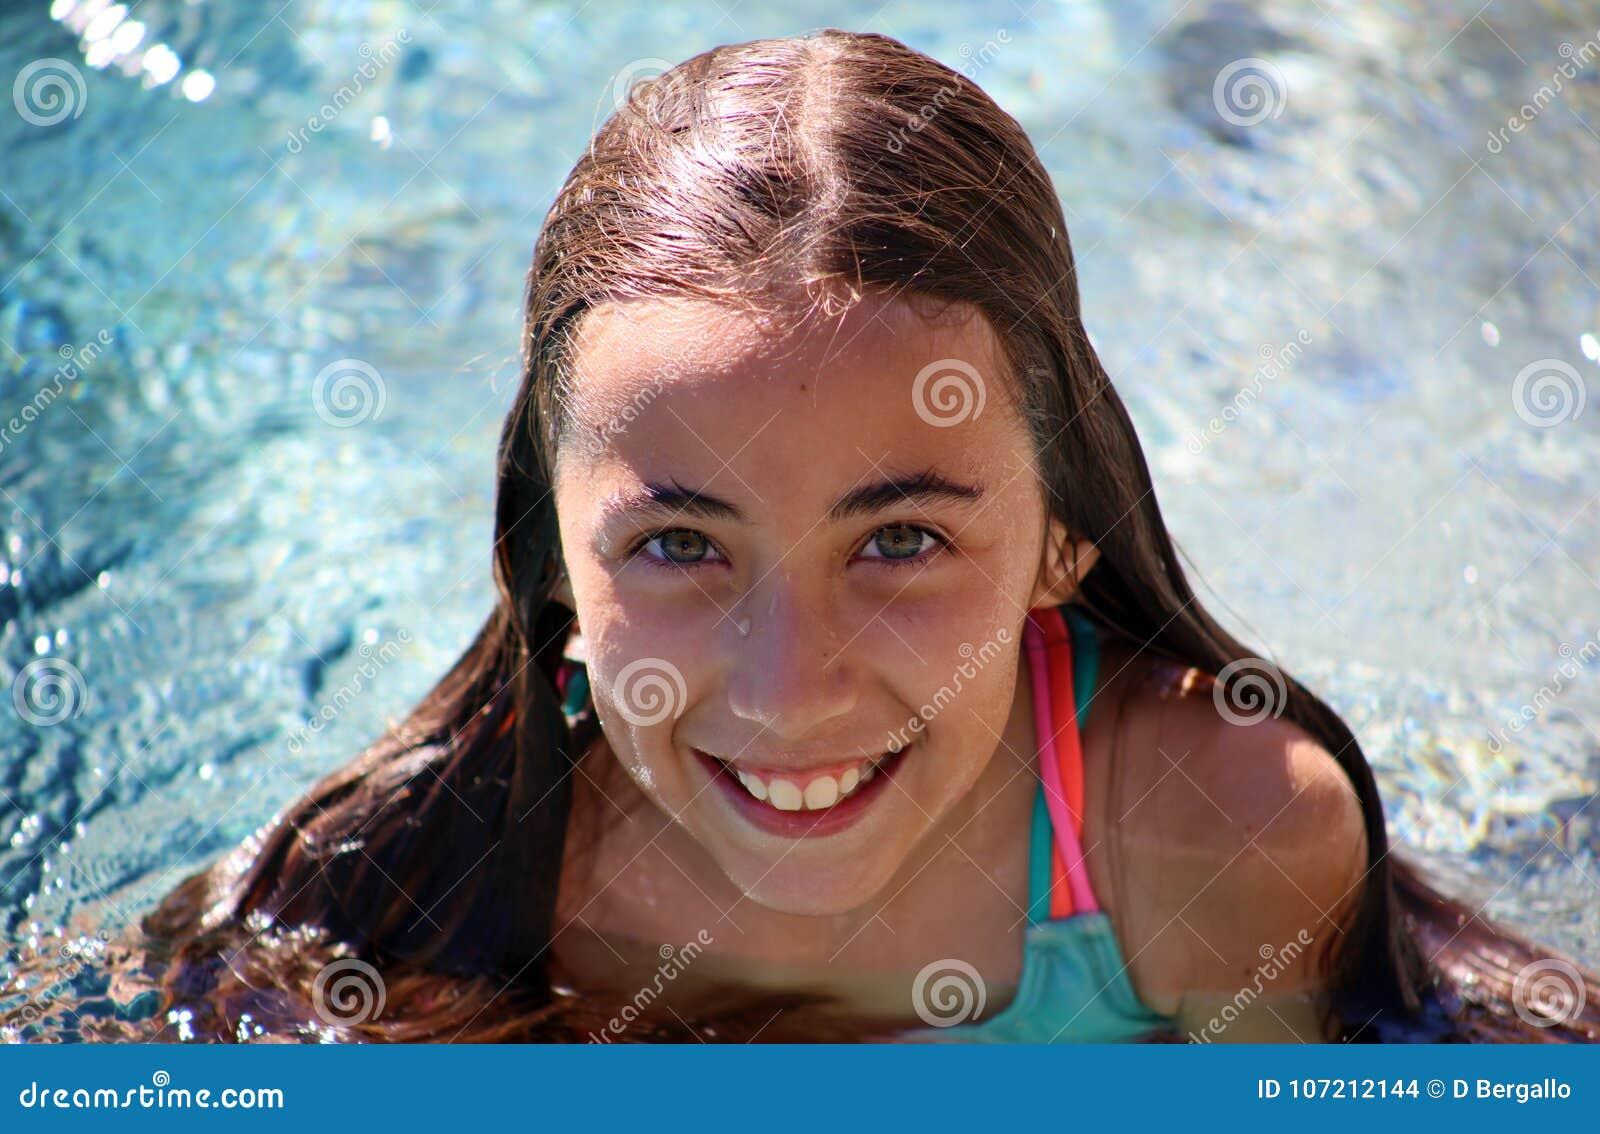 Małych dziewczynek zielonych oczu dzieci bawić się przy basenem przy tropikalnym kurortem w Los Cabos Meksyk